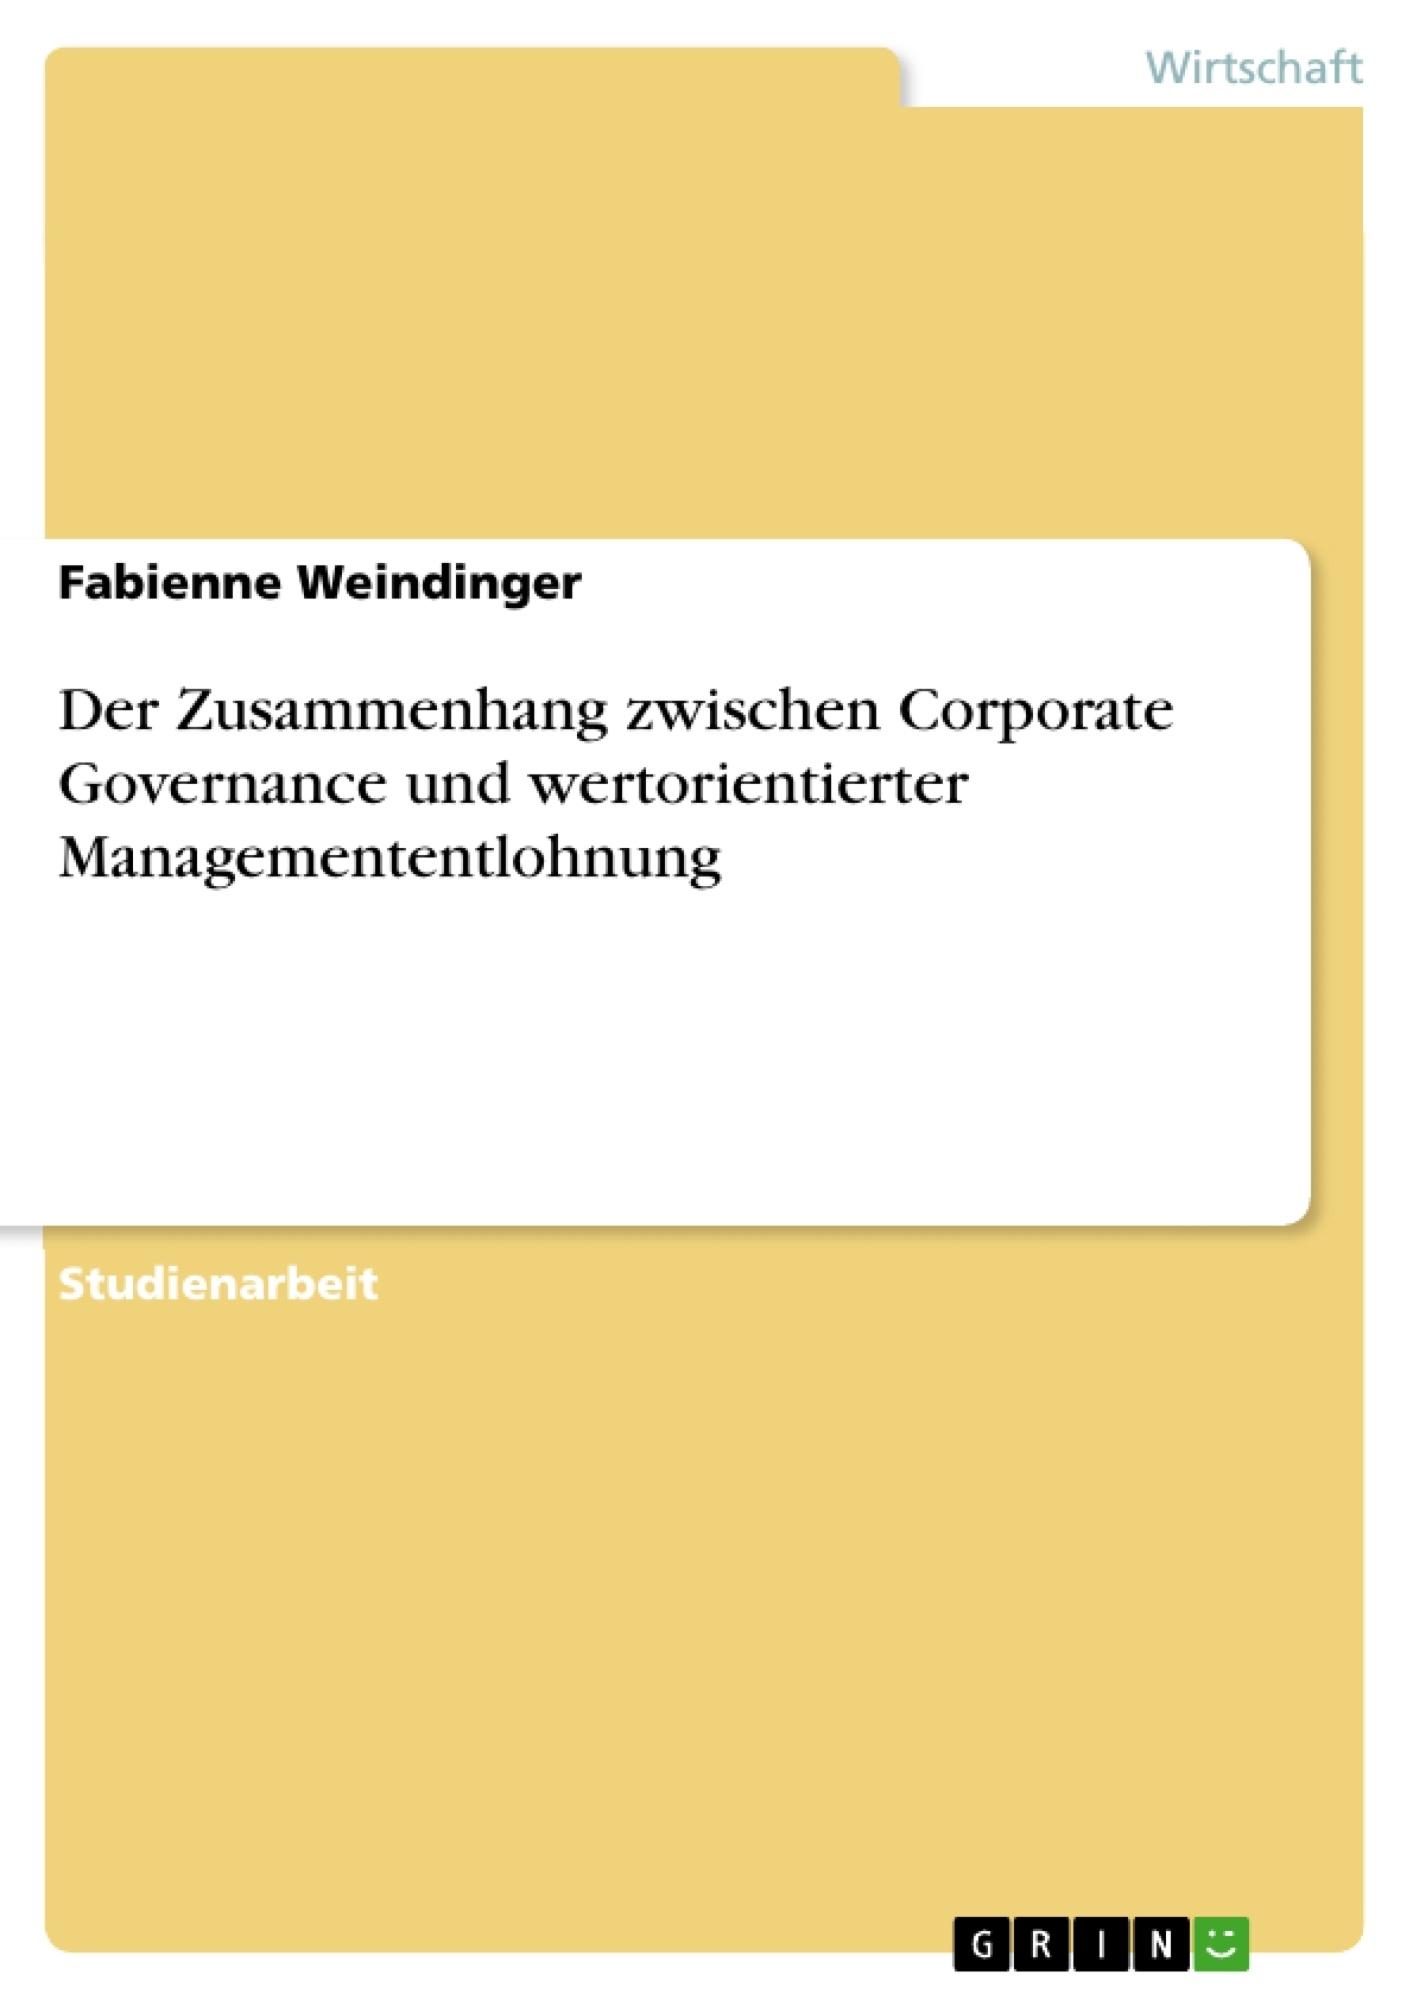 Titel: Der Zusammenhang zwischen Corporate Governance und wertorientierter Managemententlohnung